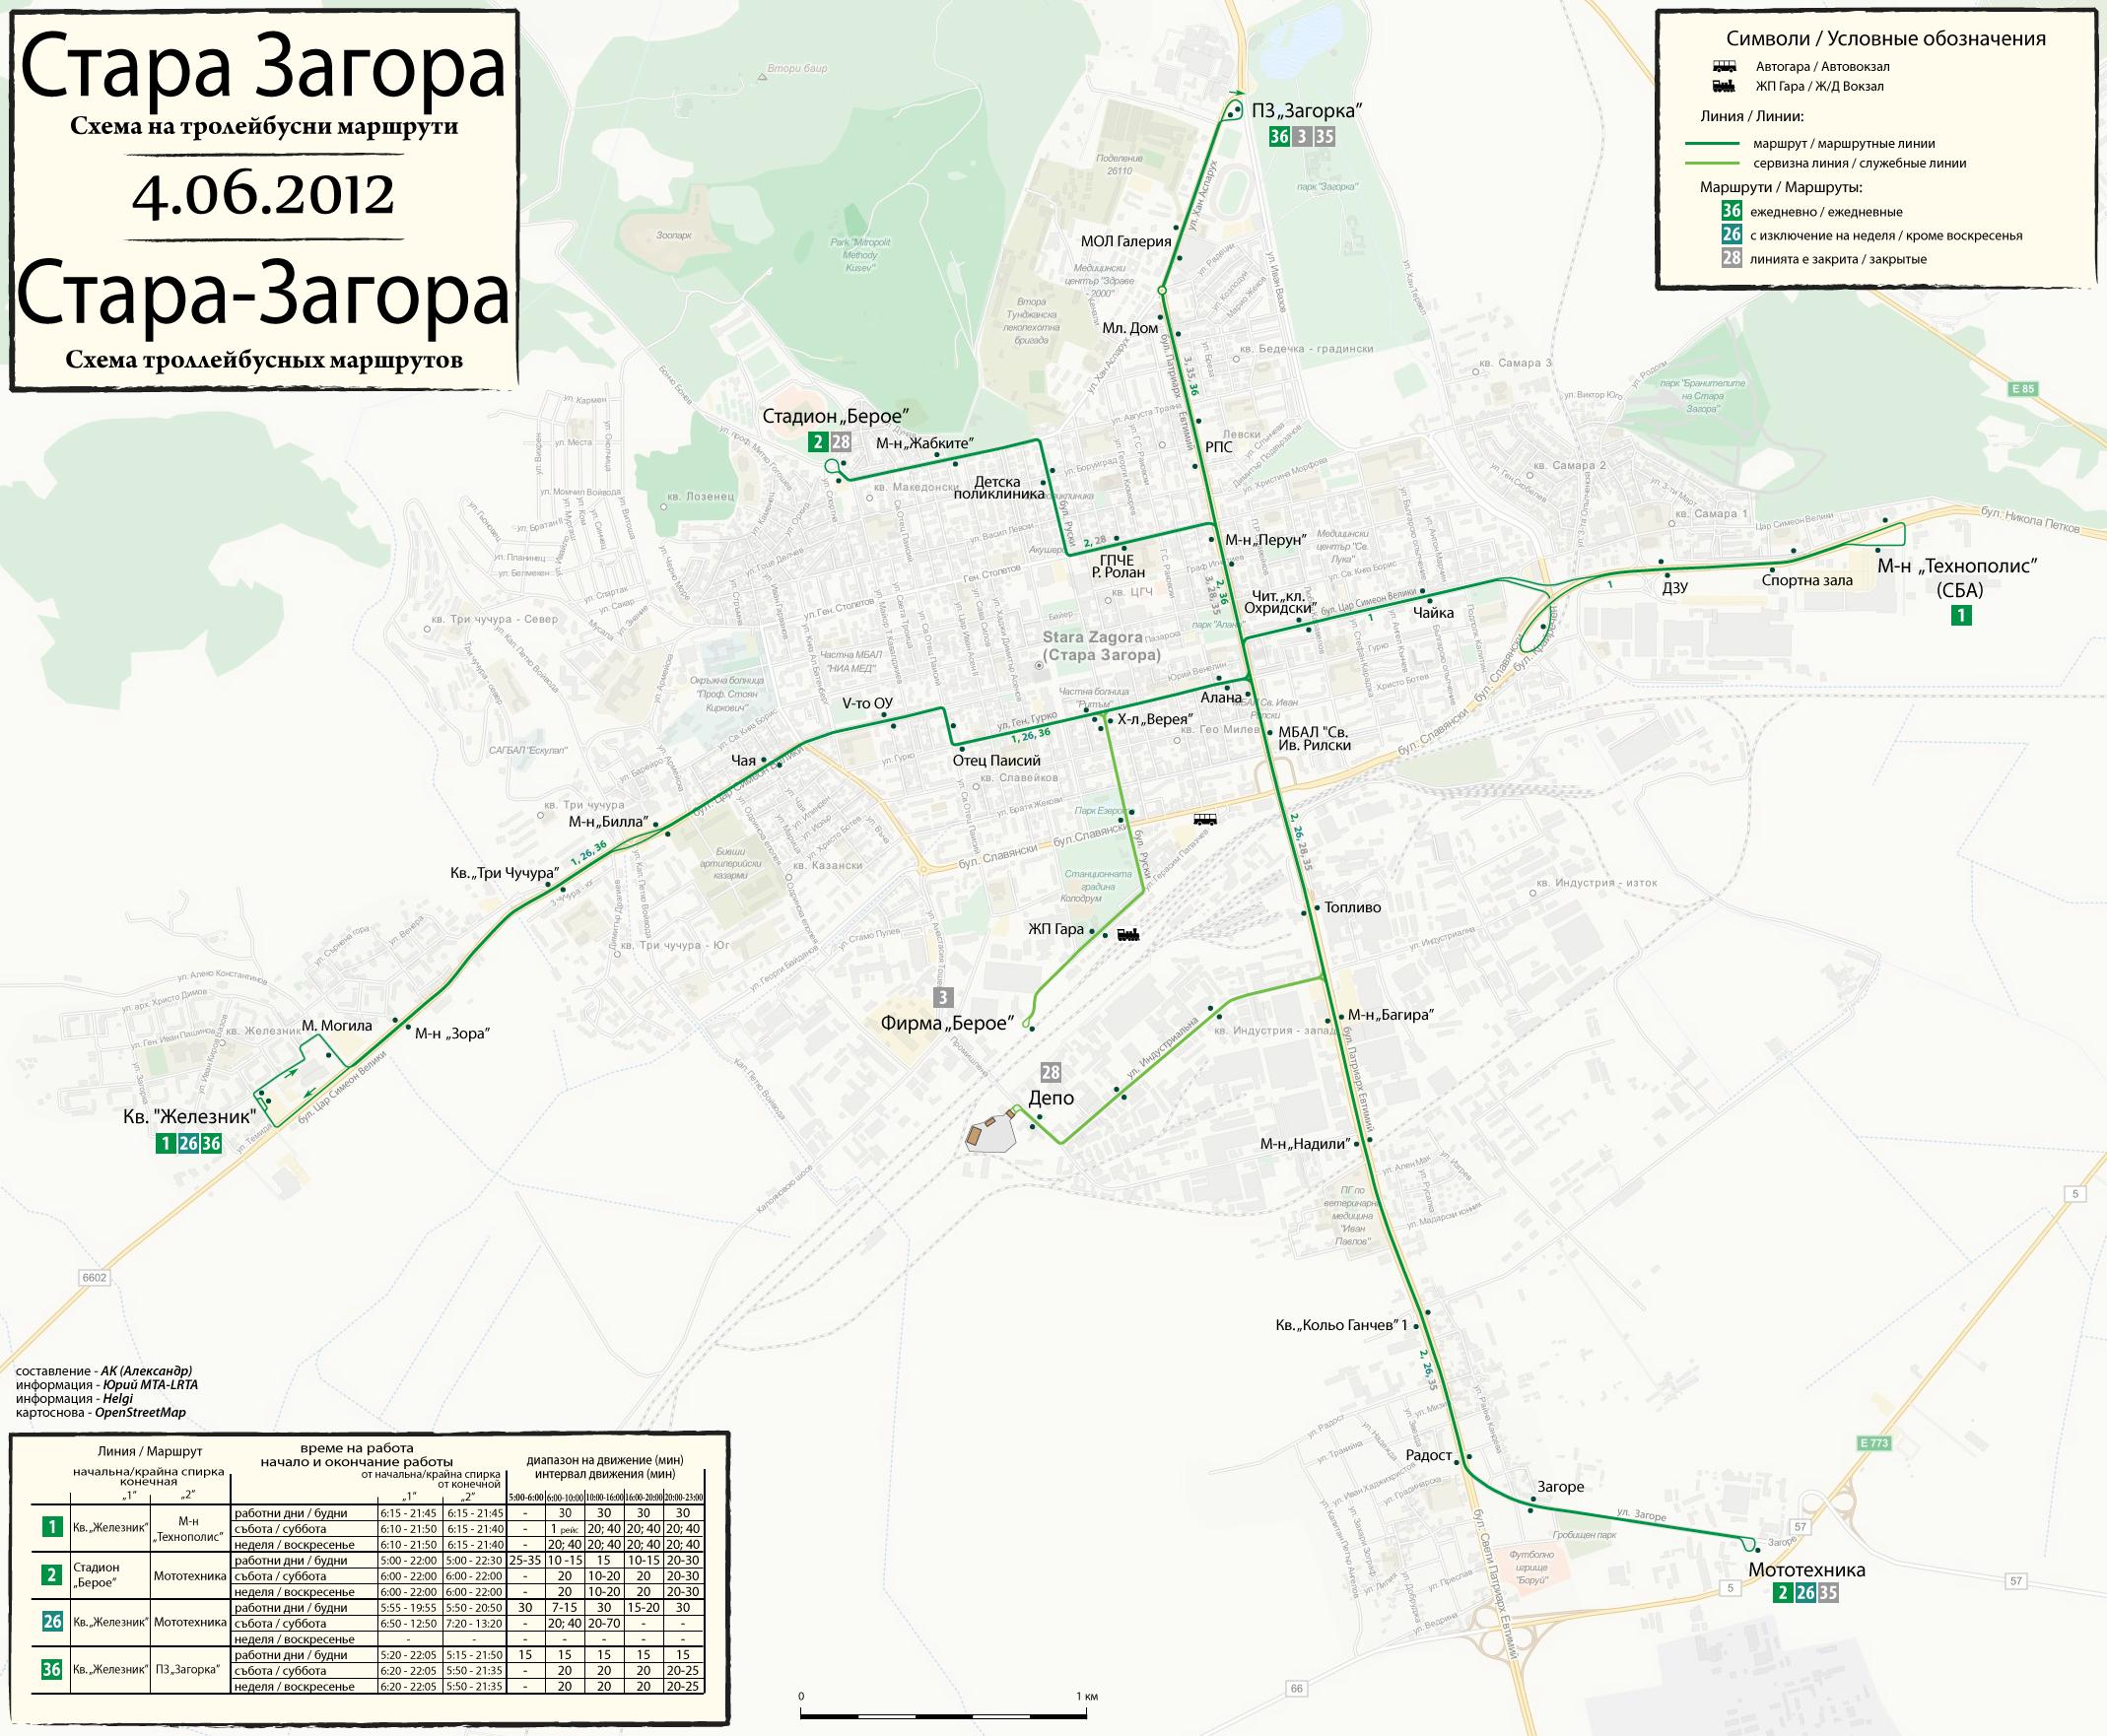 Plánek z roku 2012. Co do vedení trolejbusových linek nadále aktuální, šedě jsou navíc vyznačeny zrušené linky. (autor: Alexandr Klišin)